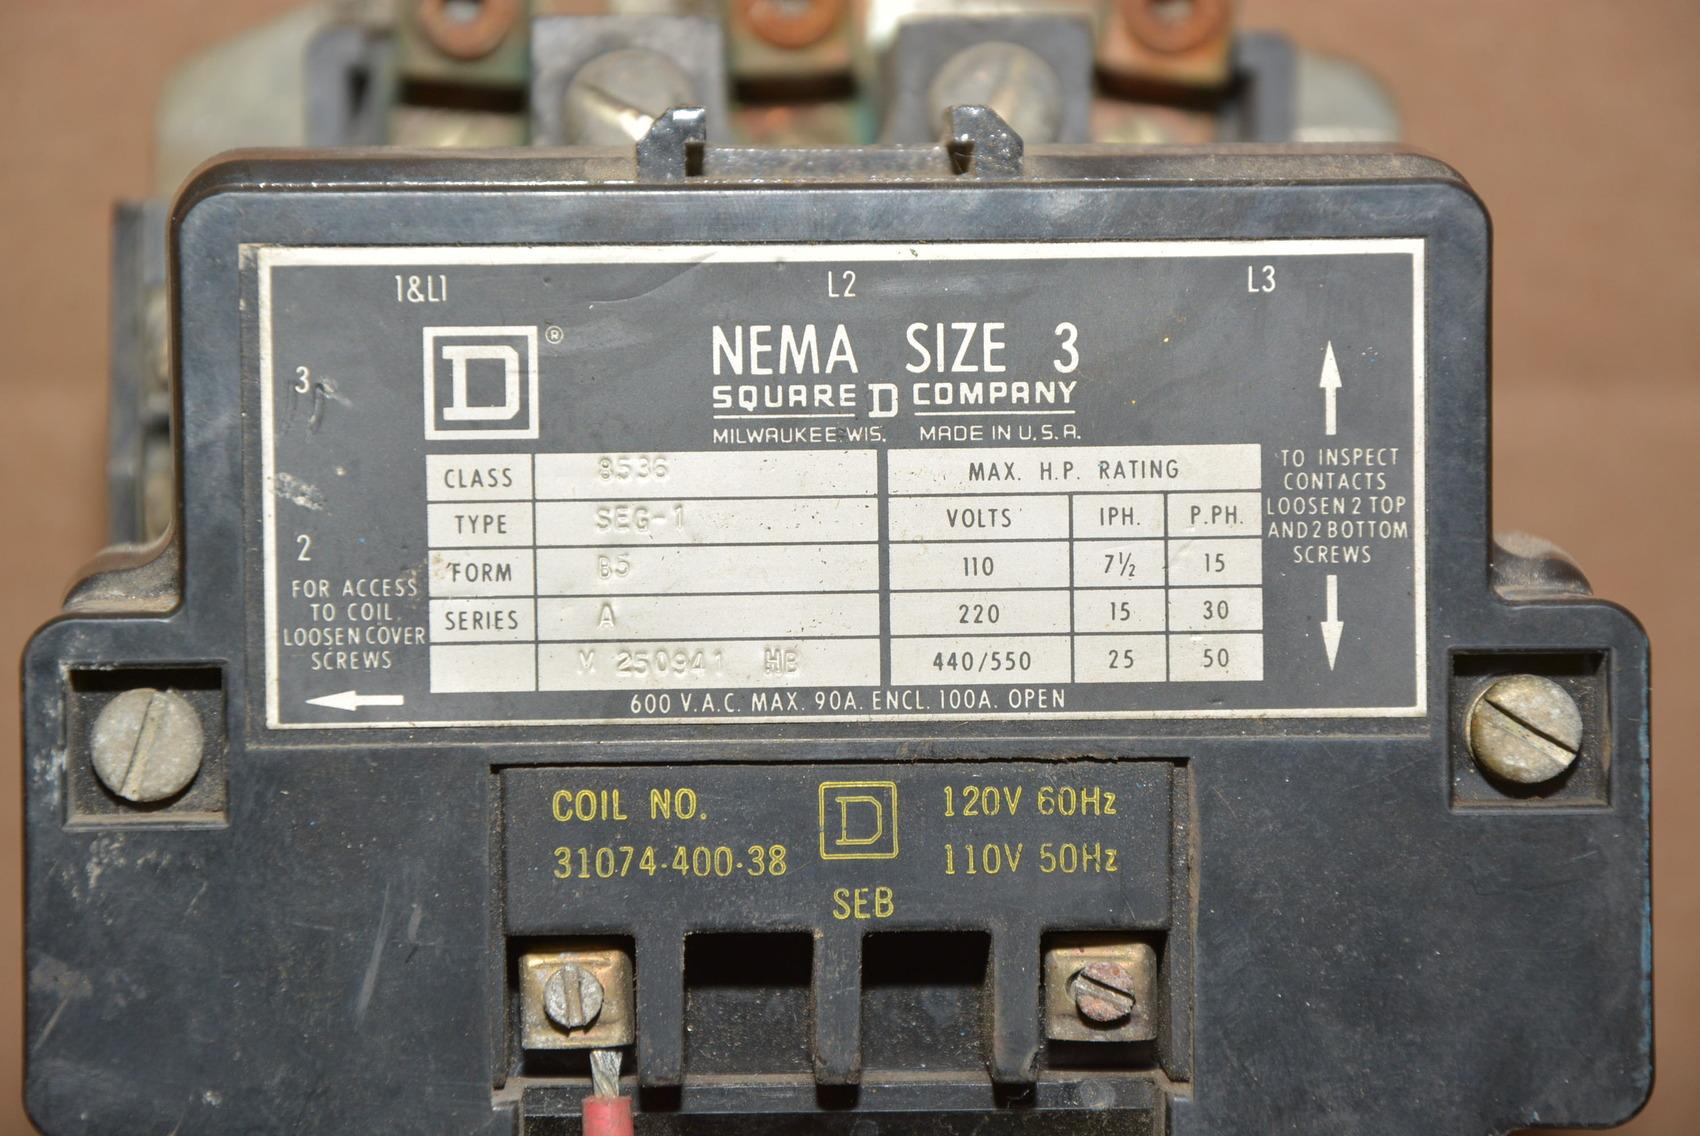 Square d size 3 type seg 1 50 hp motor starter 120v coil for 50 hp motor starter